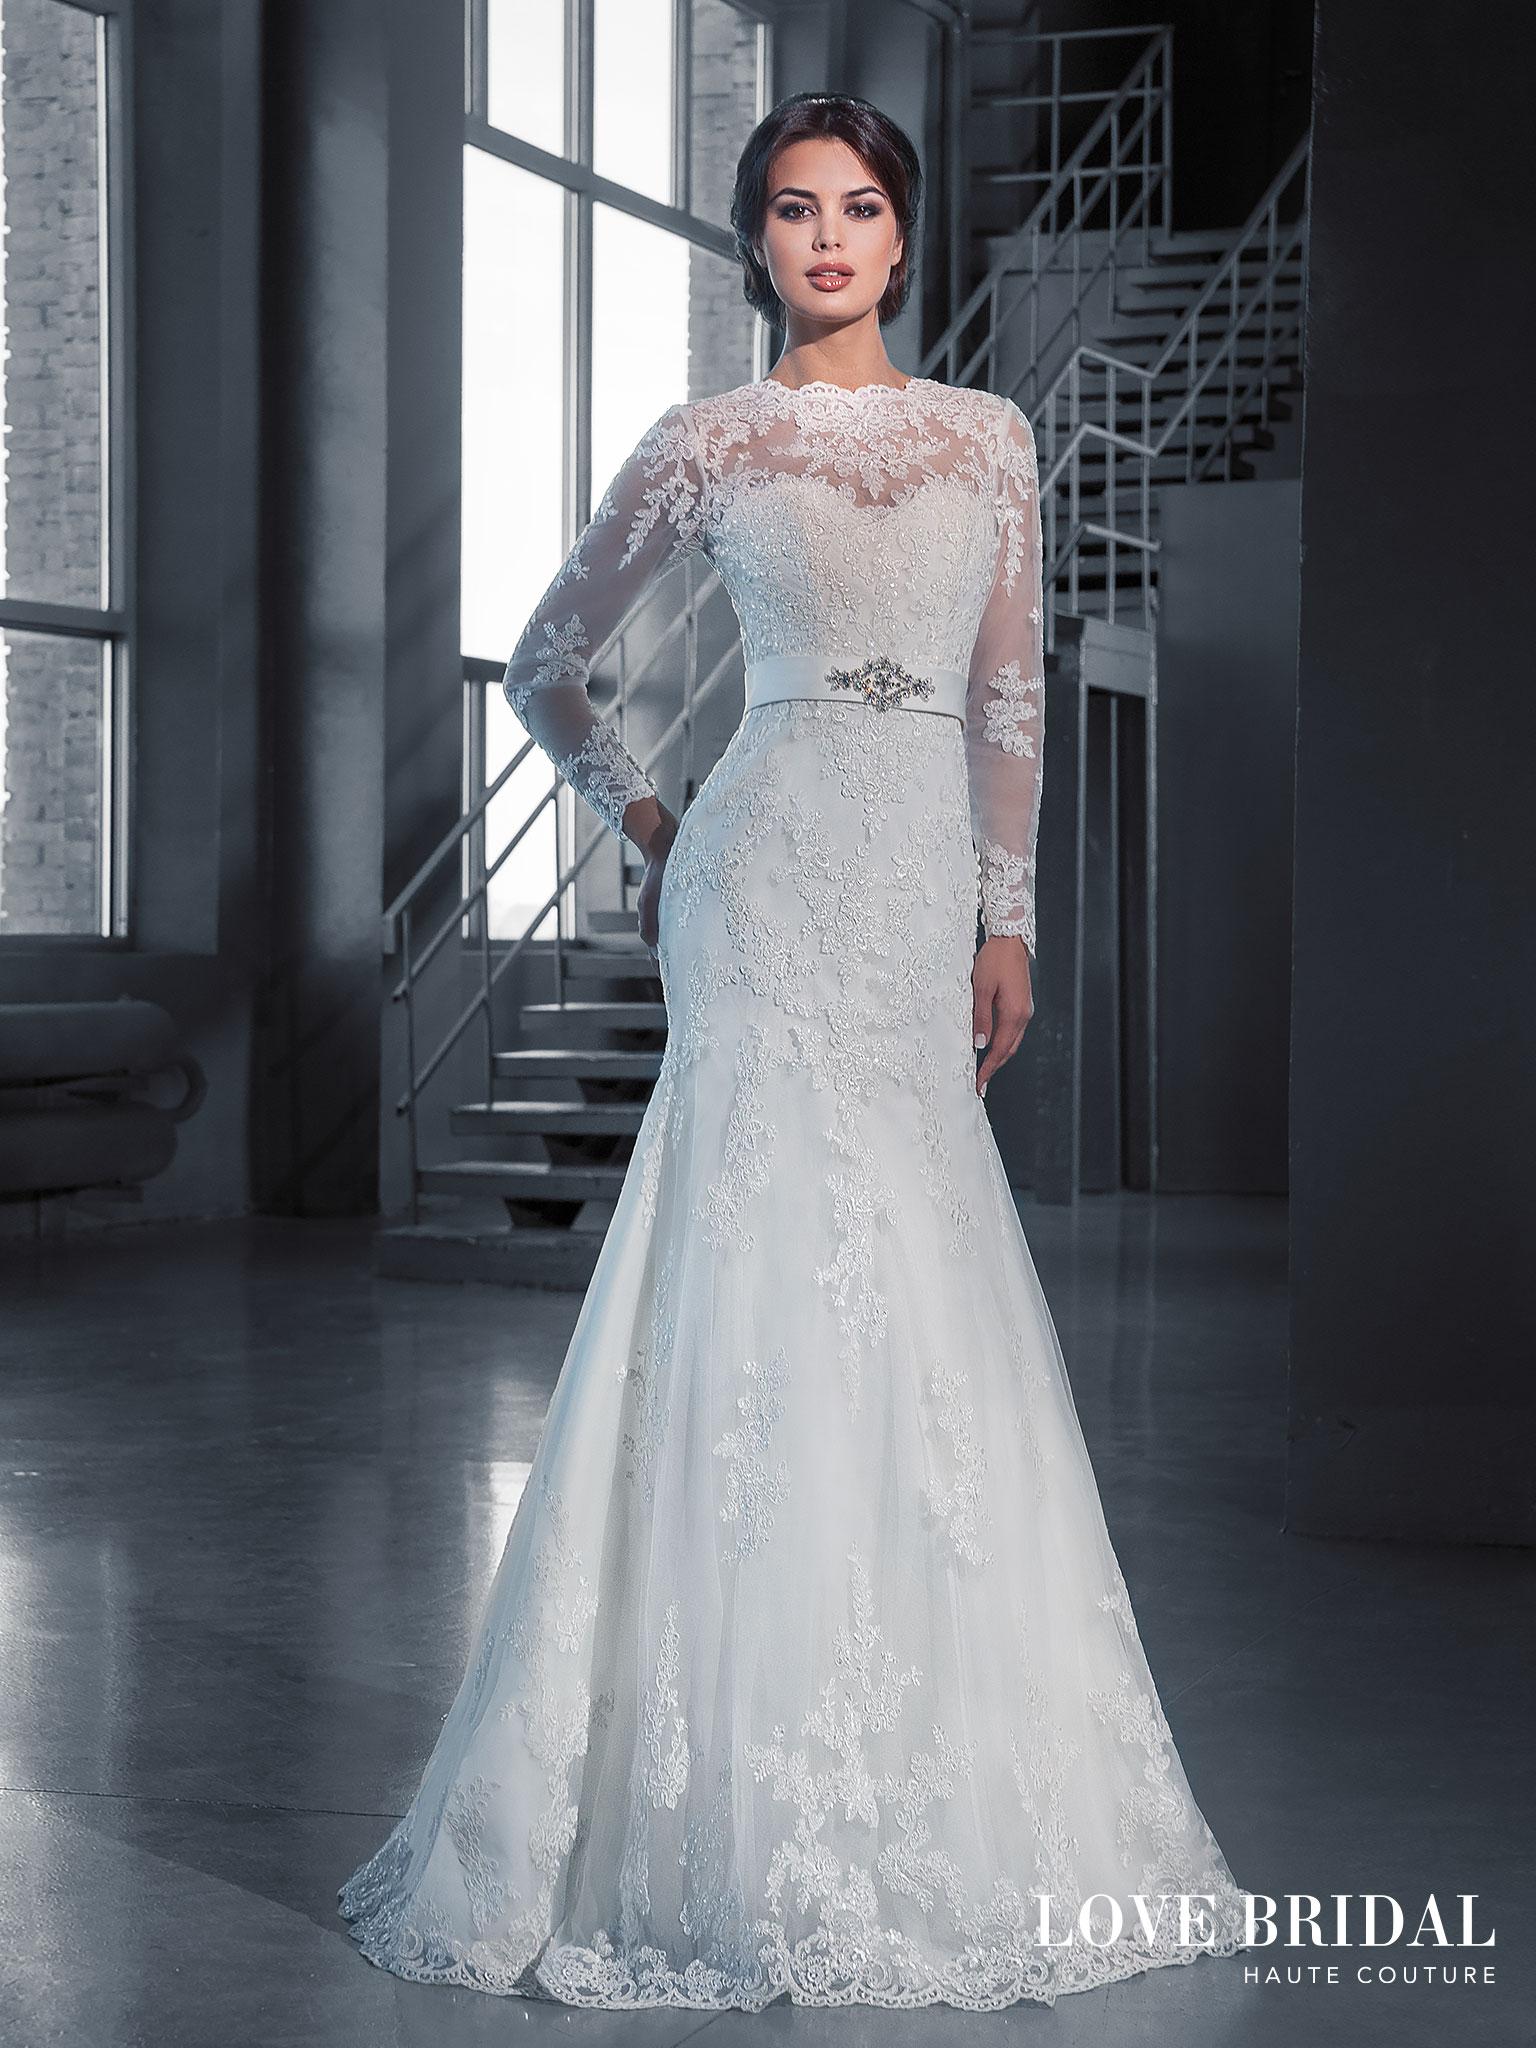 Купить круженое свадебное платье с рукавом Love Bridal арт.14214